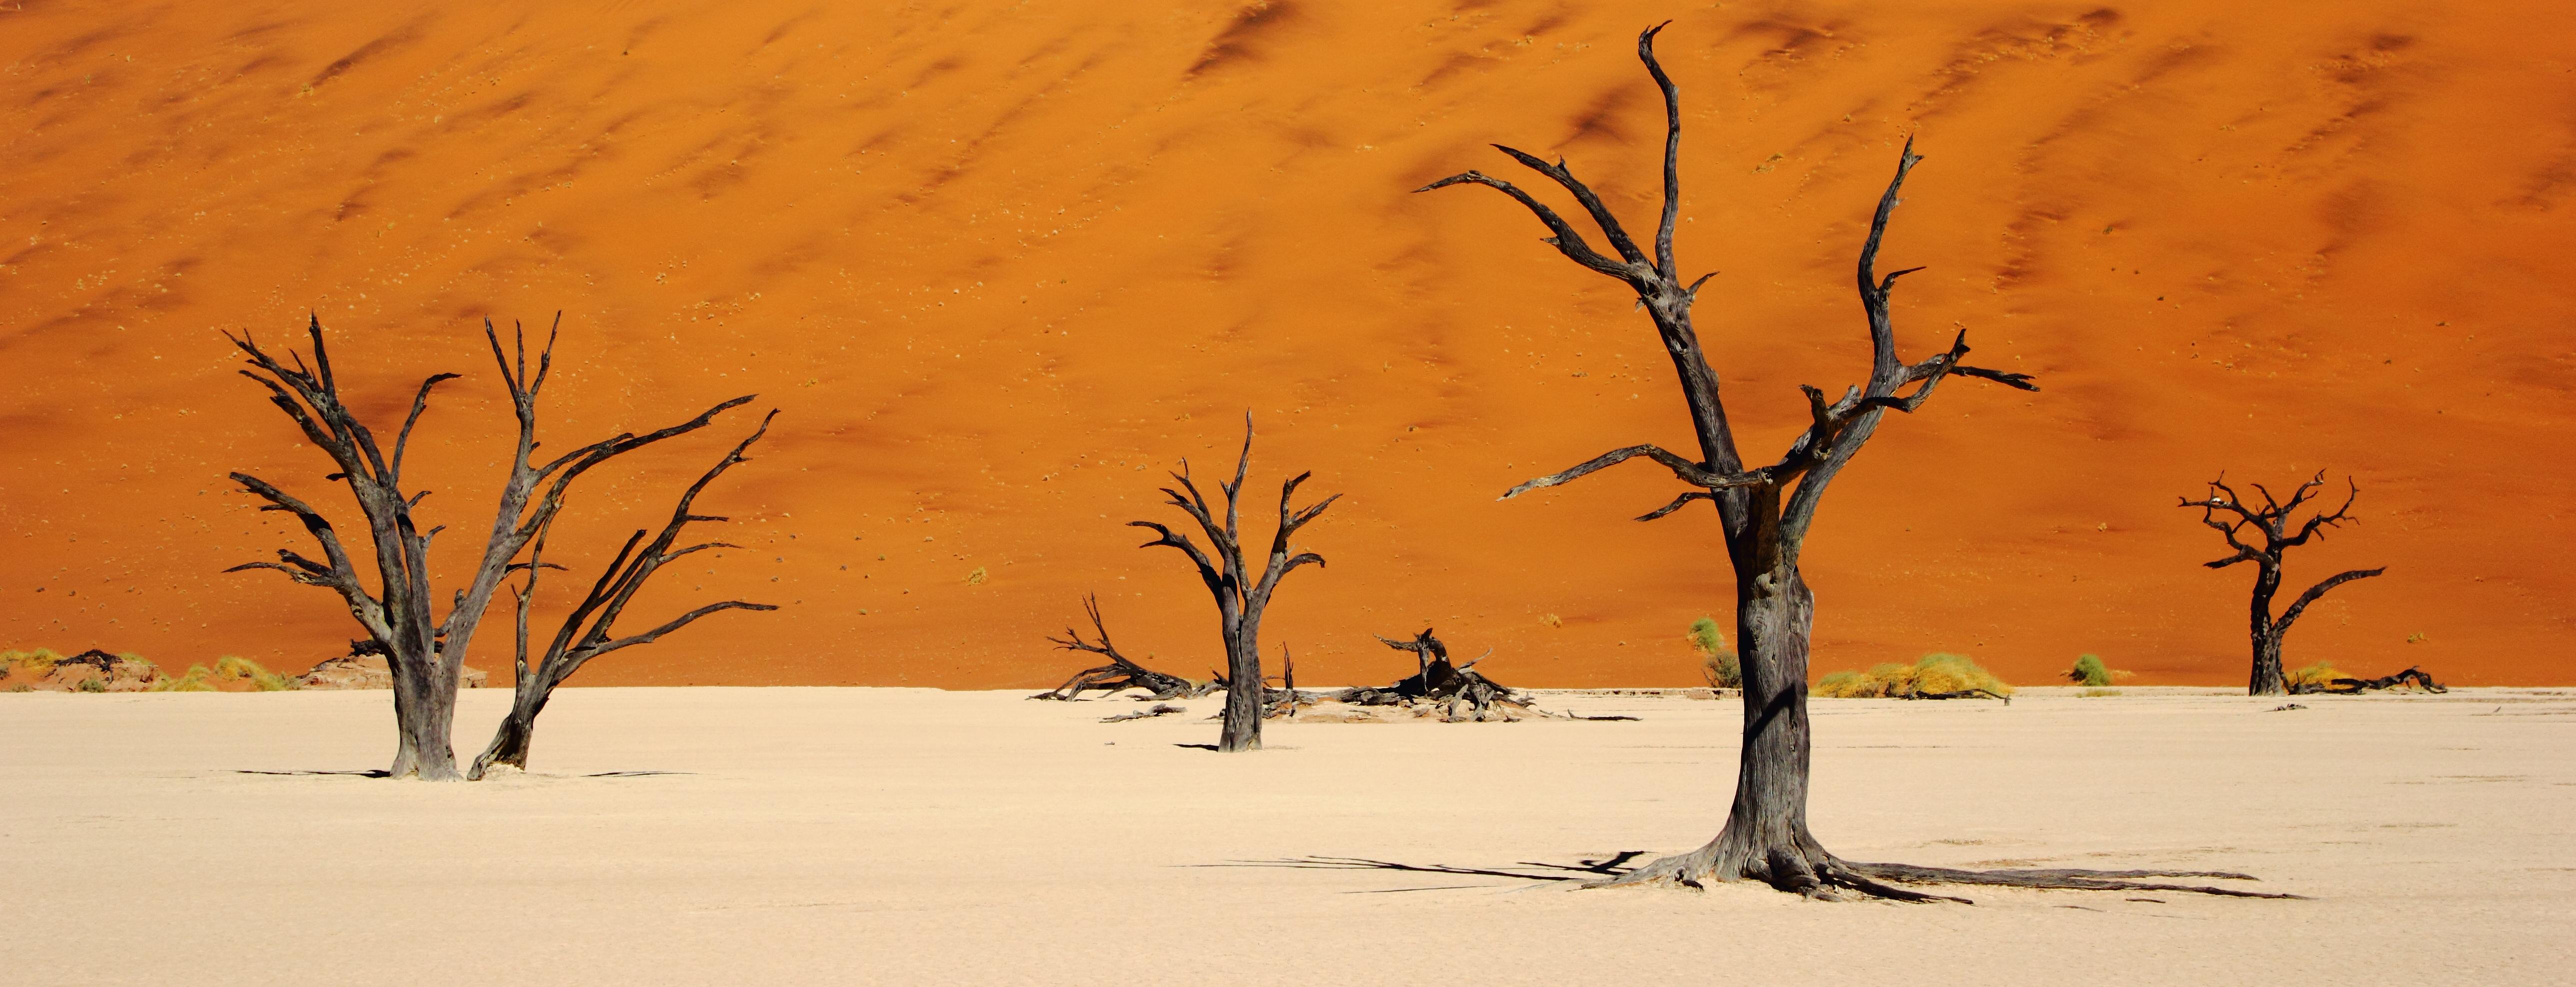 Deadvlei, Namibia - by Lorenzo Ridi